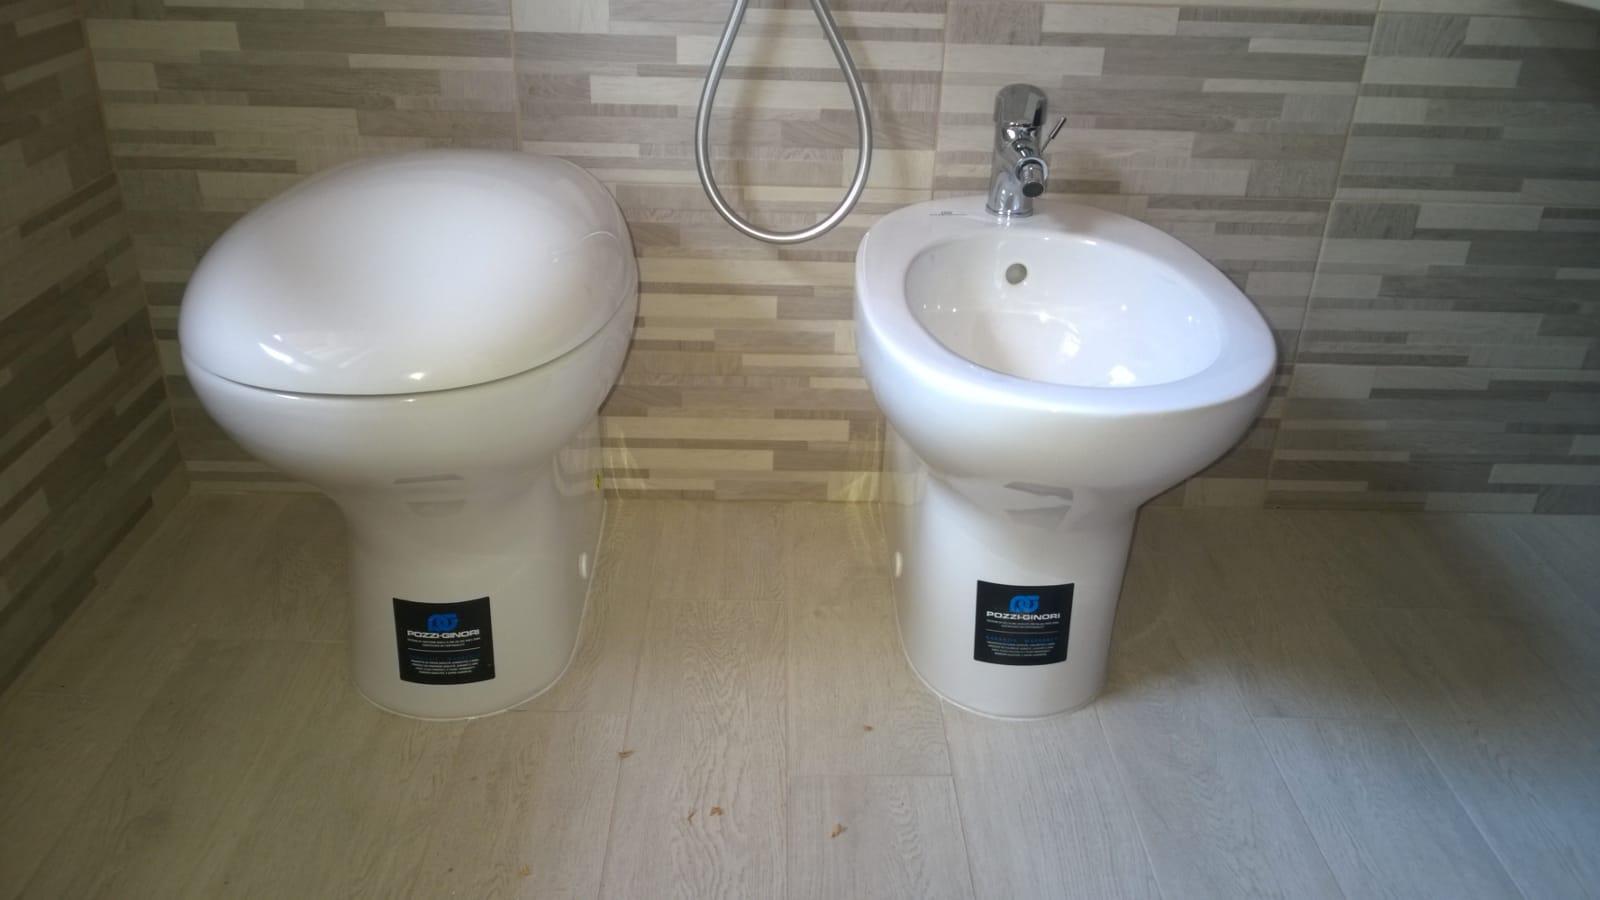 Rifare il bagno parma fidenza u ristrutturazione interni casa